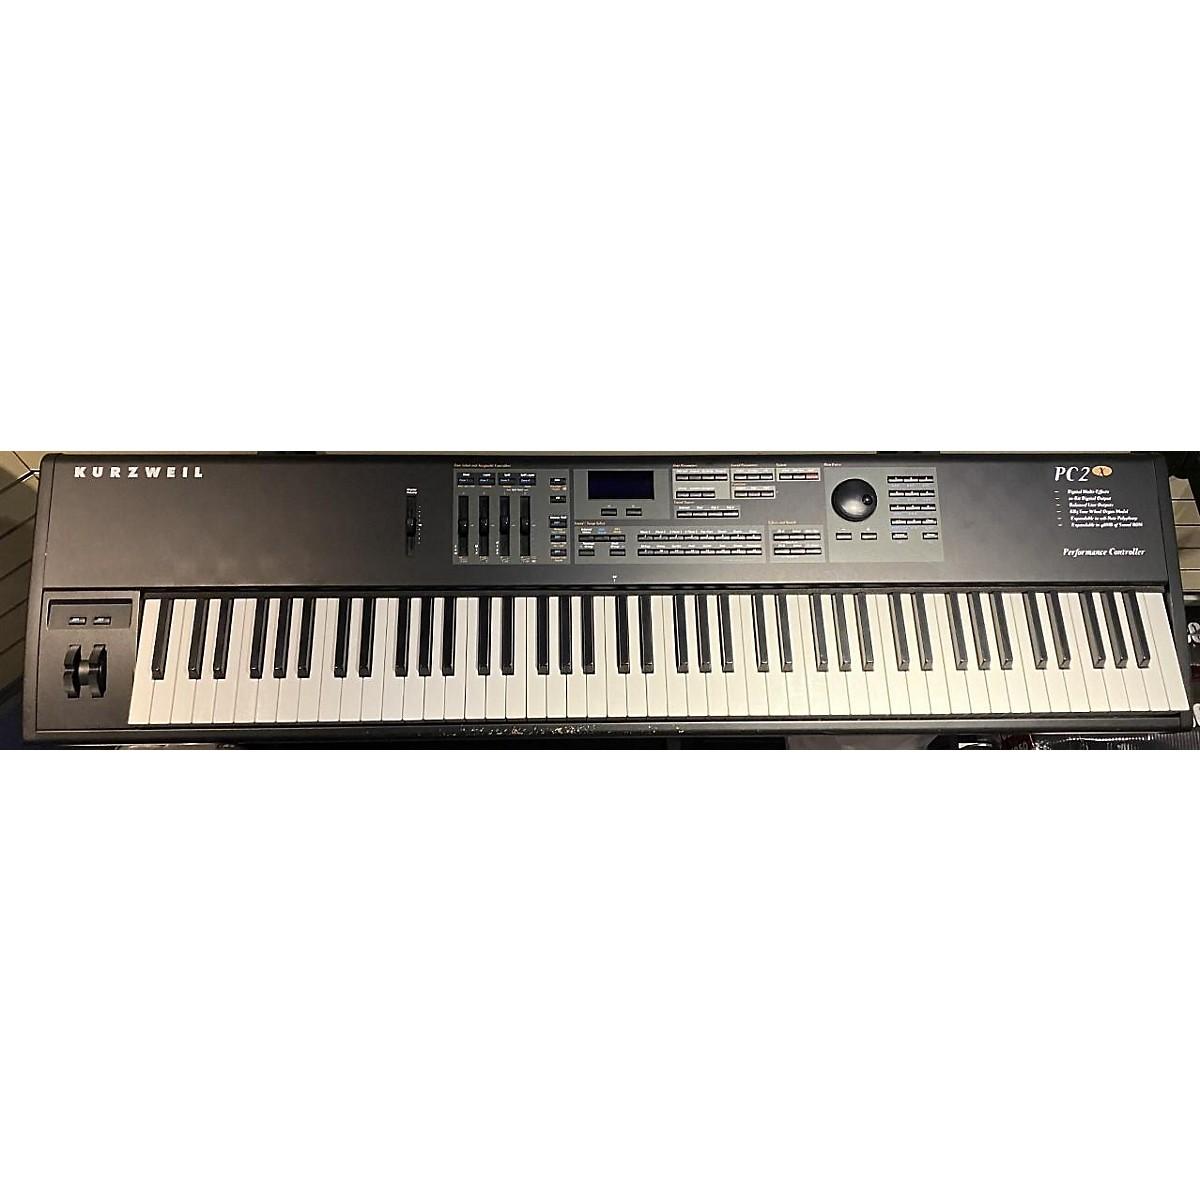 Kurzweil Pc2x Stage Piano